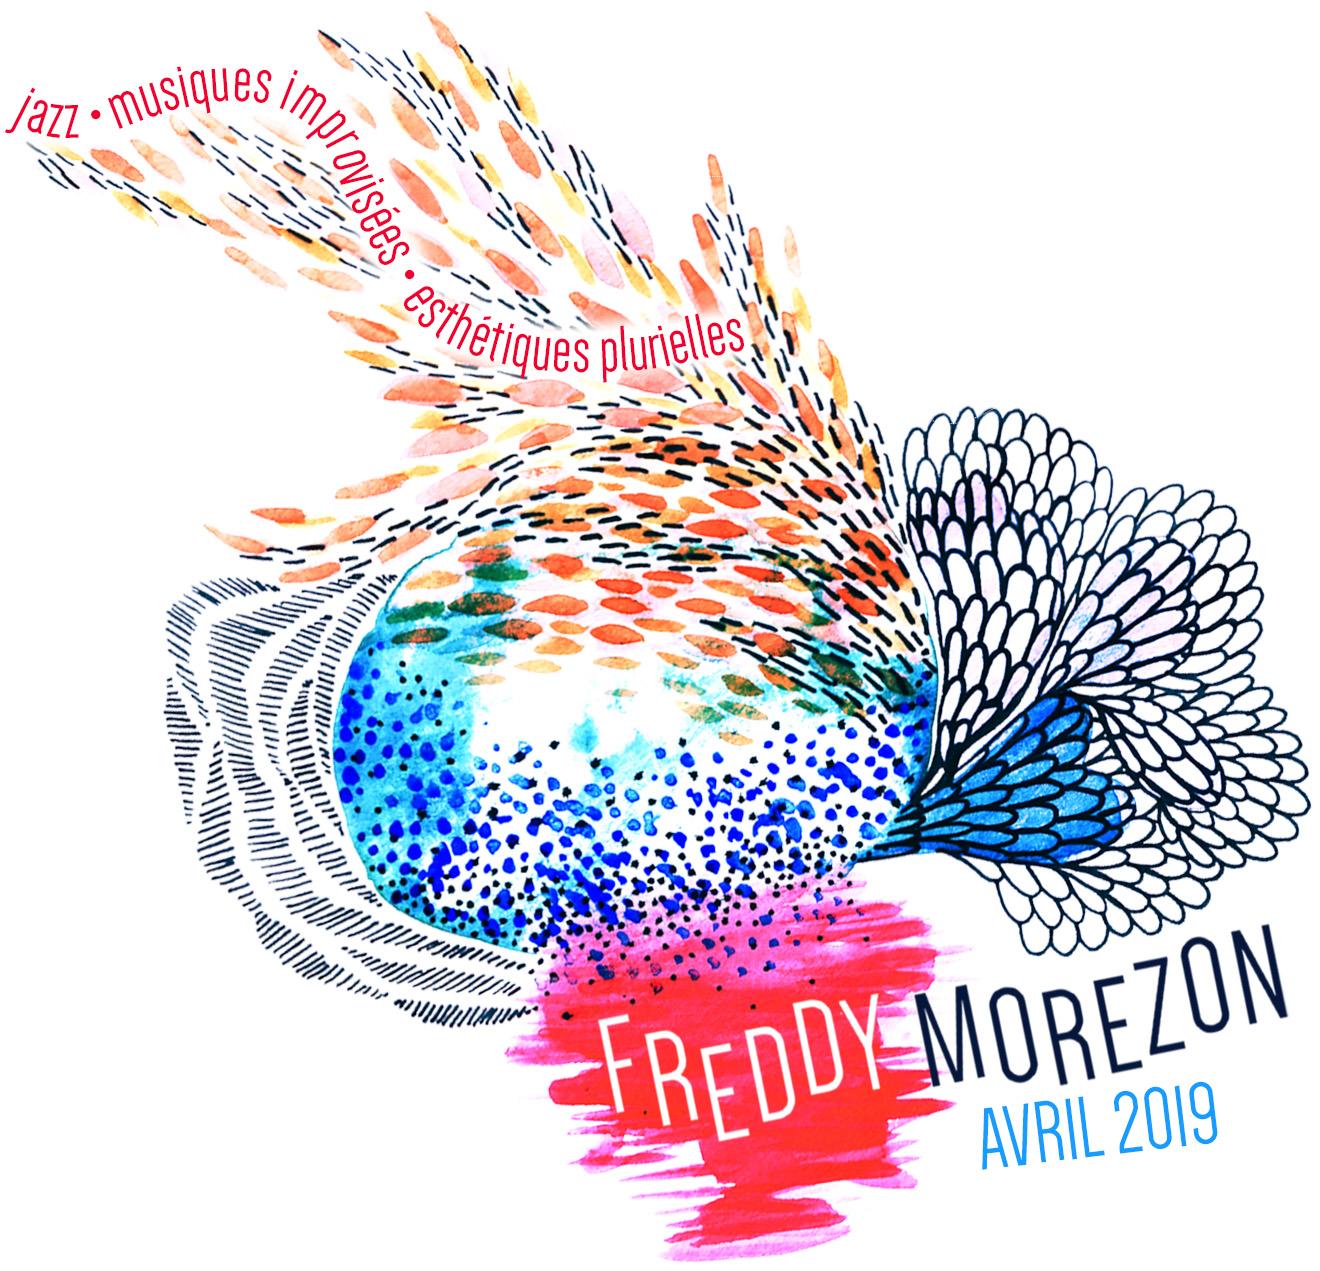 Freddy Morezon - Newsletter avril 2019